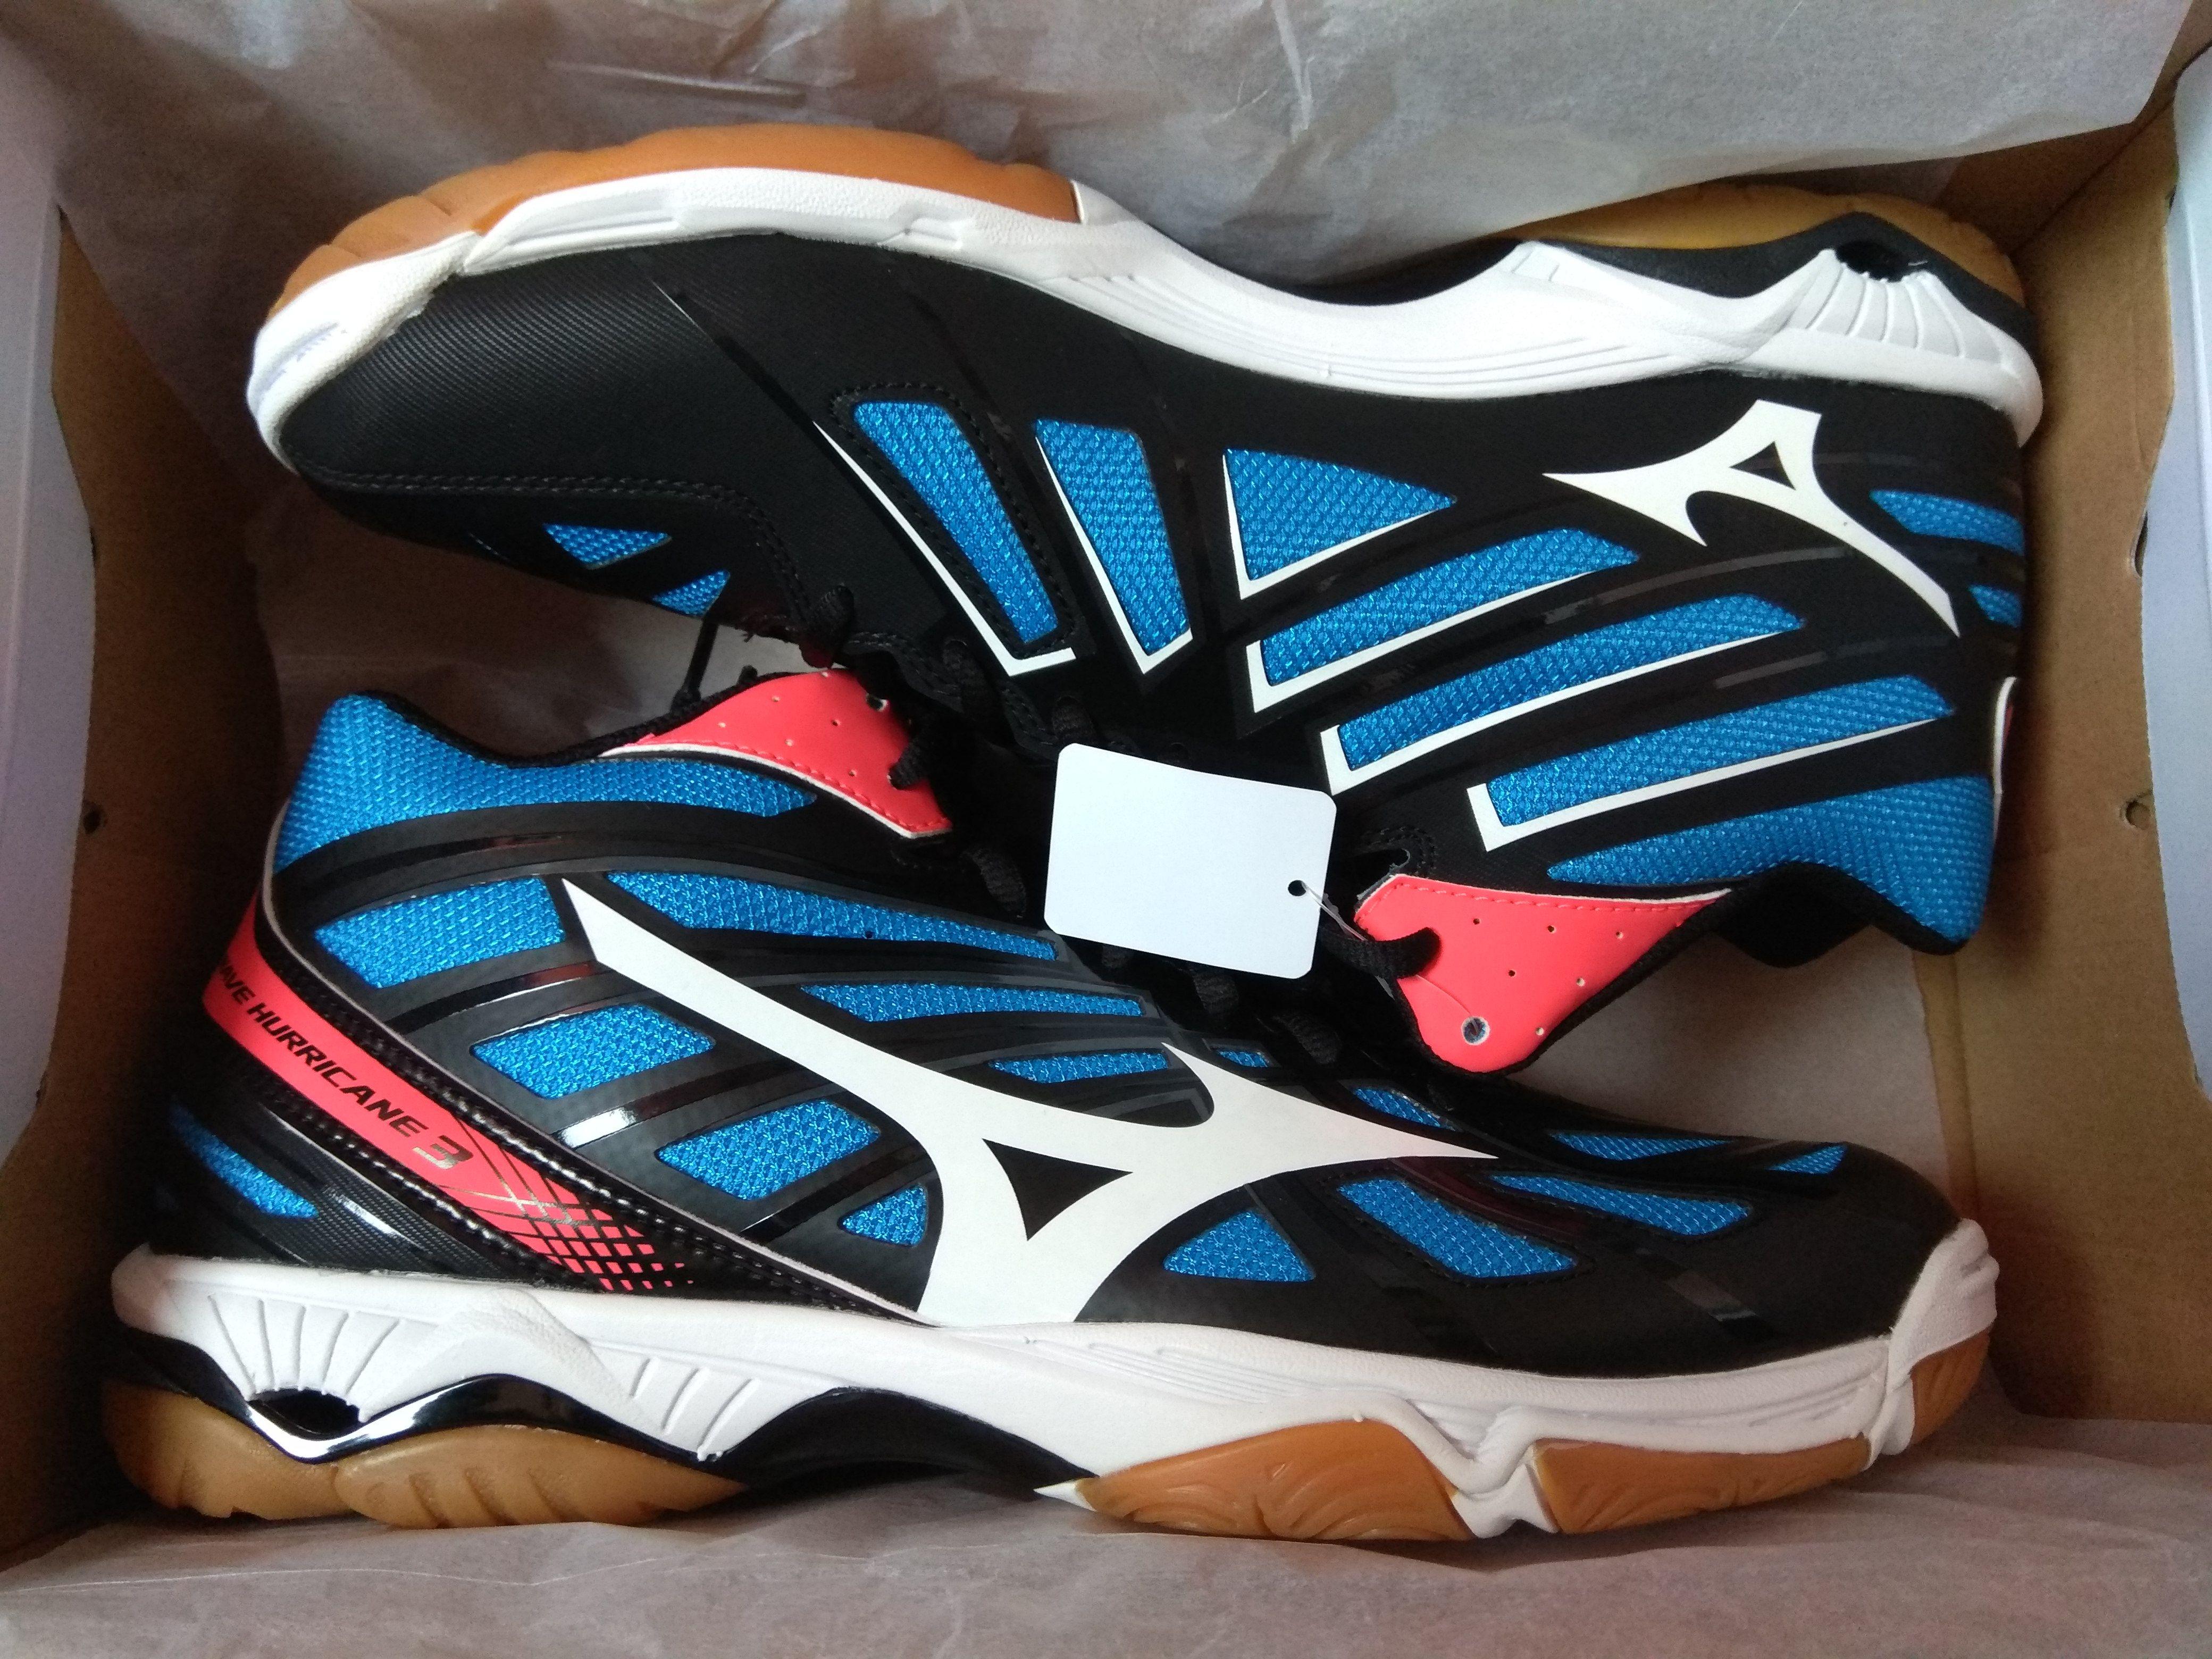 Купить волейбольные кроссовки Mizuno так же просто и легко, как побеждать в  них. Наши специалисты подскажут и помогут определиться с выбором. 8d35c47c359